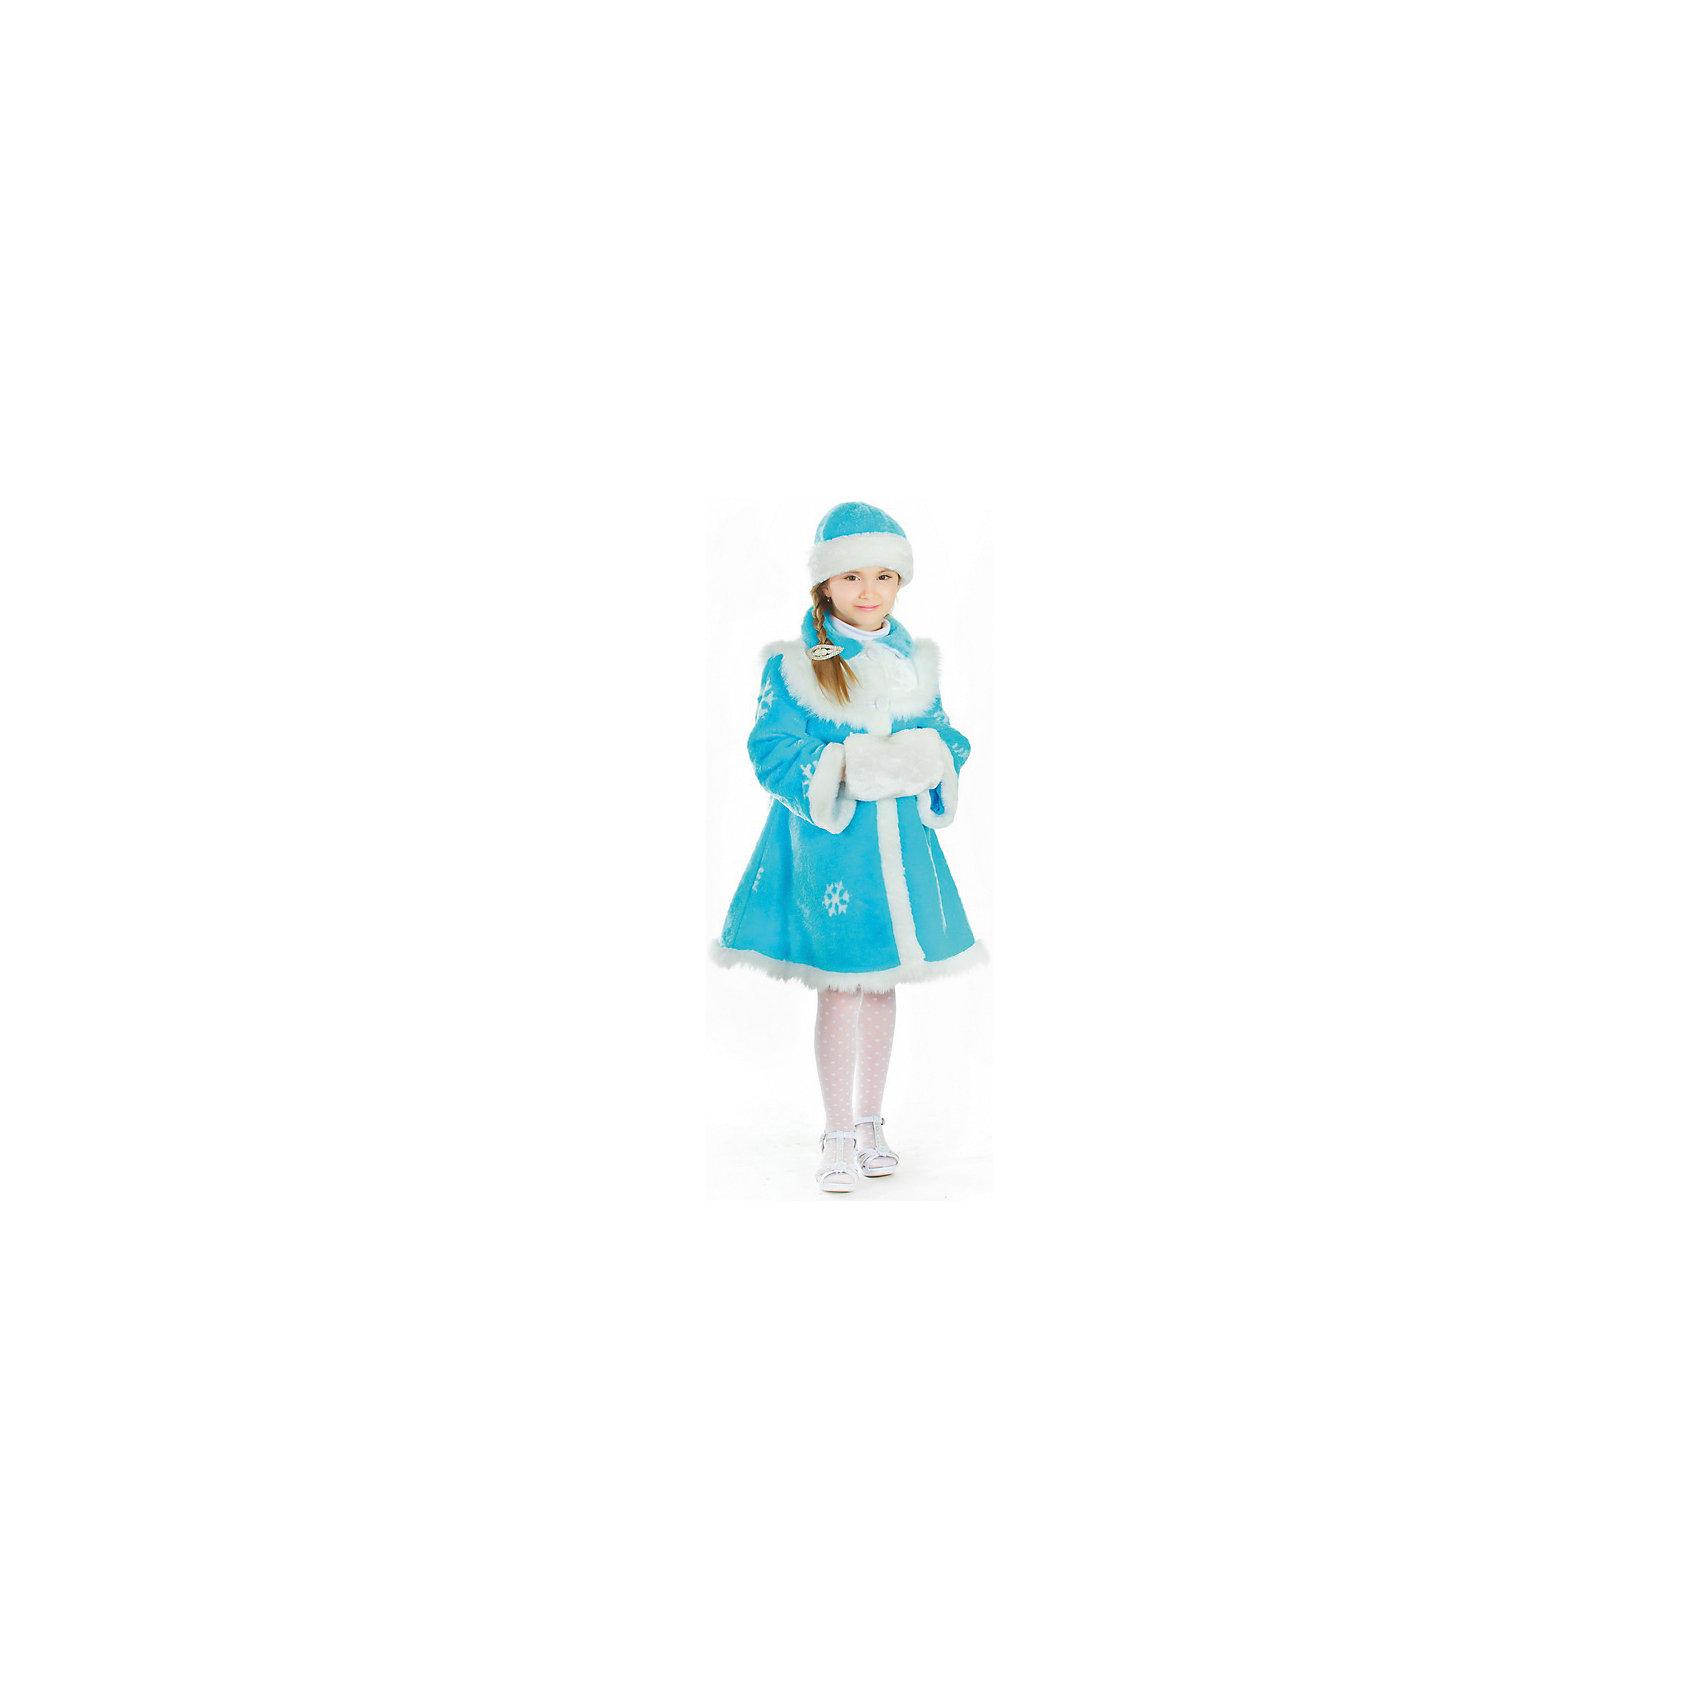 Карнавальный костюм Снегурочка, детский, КарнавалияКарнавальный костюм Снегурка детская, Карнавалия - симпатичный карнавальный костюм, который поможет создать праздничный образ.<br><br>В комплект входит: платье, муфта, шапочка.<br>Материал: 100% полиэстер.<br><br>Карнавальный костюм Снегурка детская, Карнавалия мжно купить в нашем интернет-магазине.<br><br>Ширина мм: 400<br>Глубина мм: 80<br>Высота мм: 300<br>Вес г: 750<br>Цвет: разноцветный<br>Возраст от месяцев: 36<br>Возраст до месяцев: 84<br>Пол: Женский<br>Возраст: Детский<br>Размер: 122/128<br>SKU: 4764402